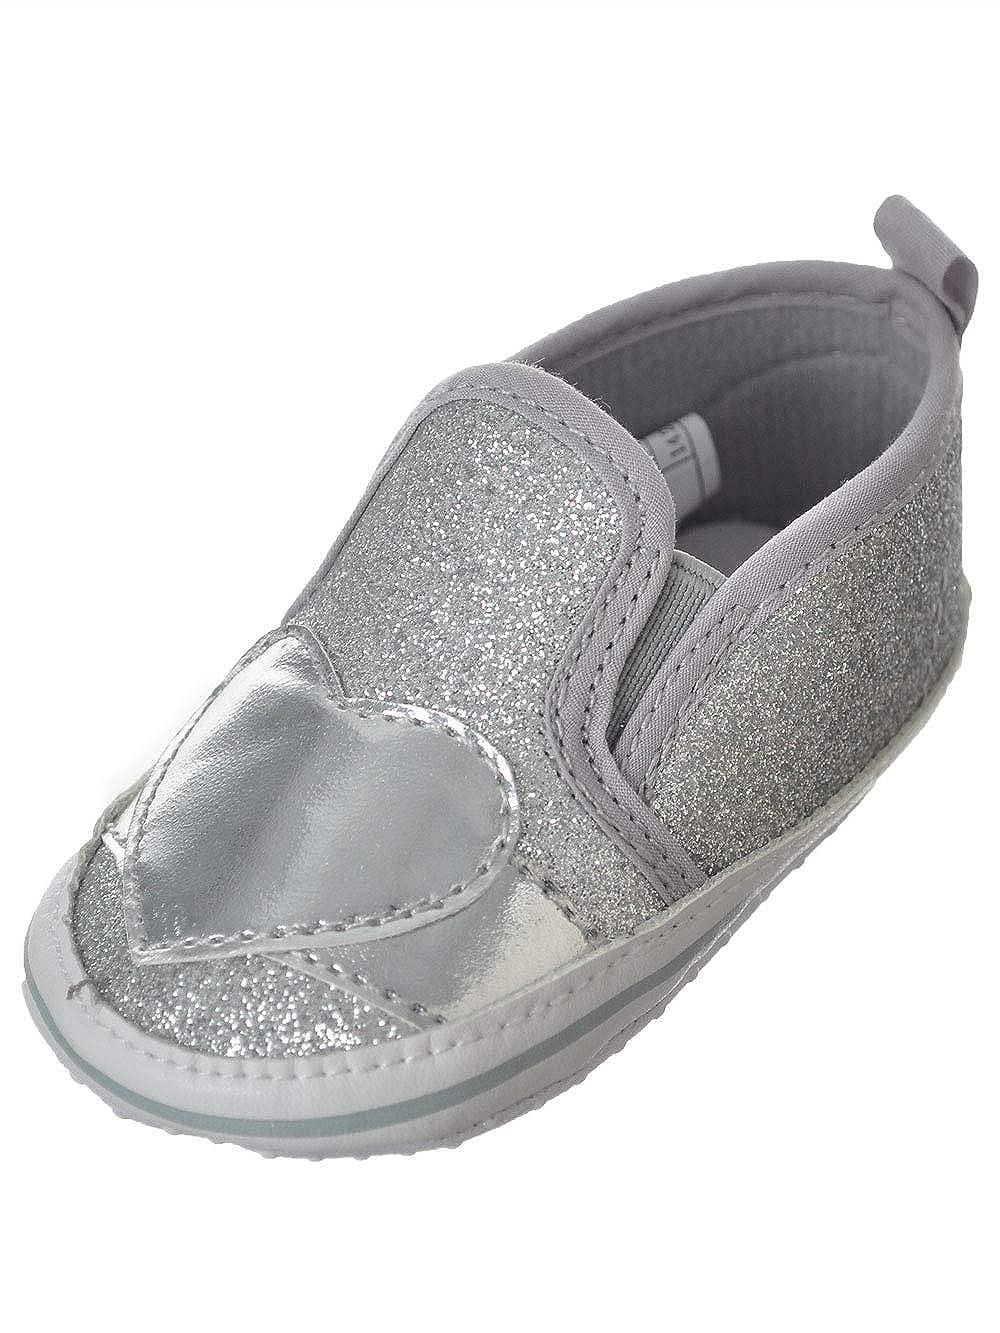 Sneakz Baby Girls Slip-On Booties